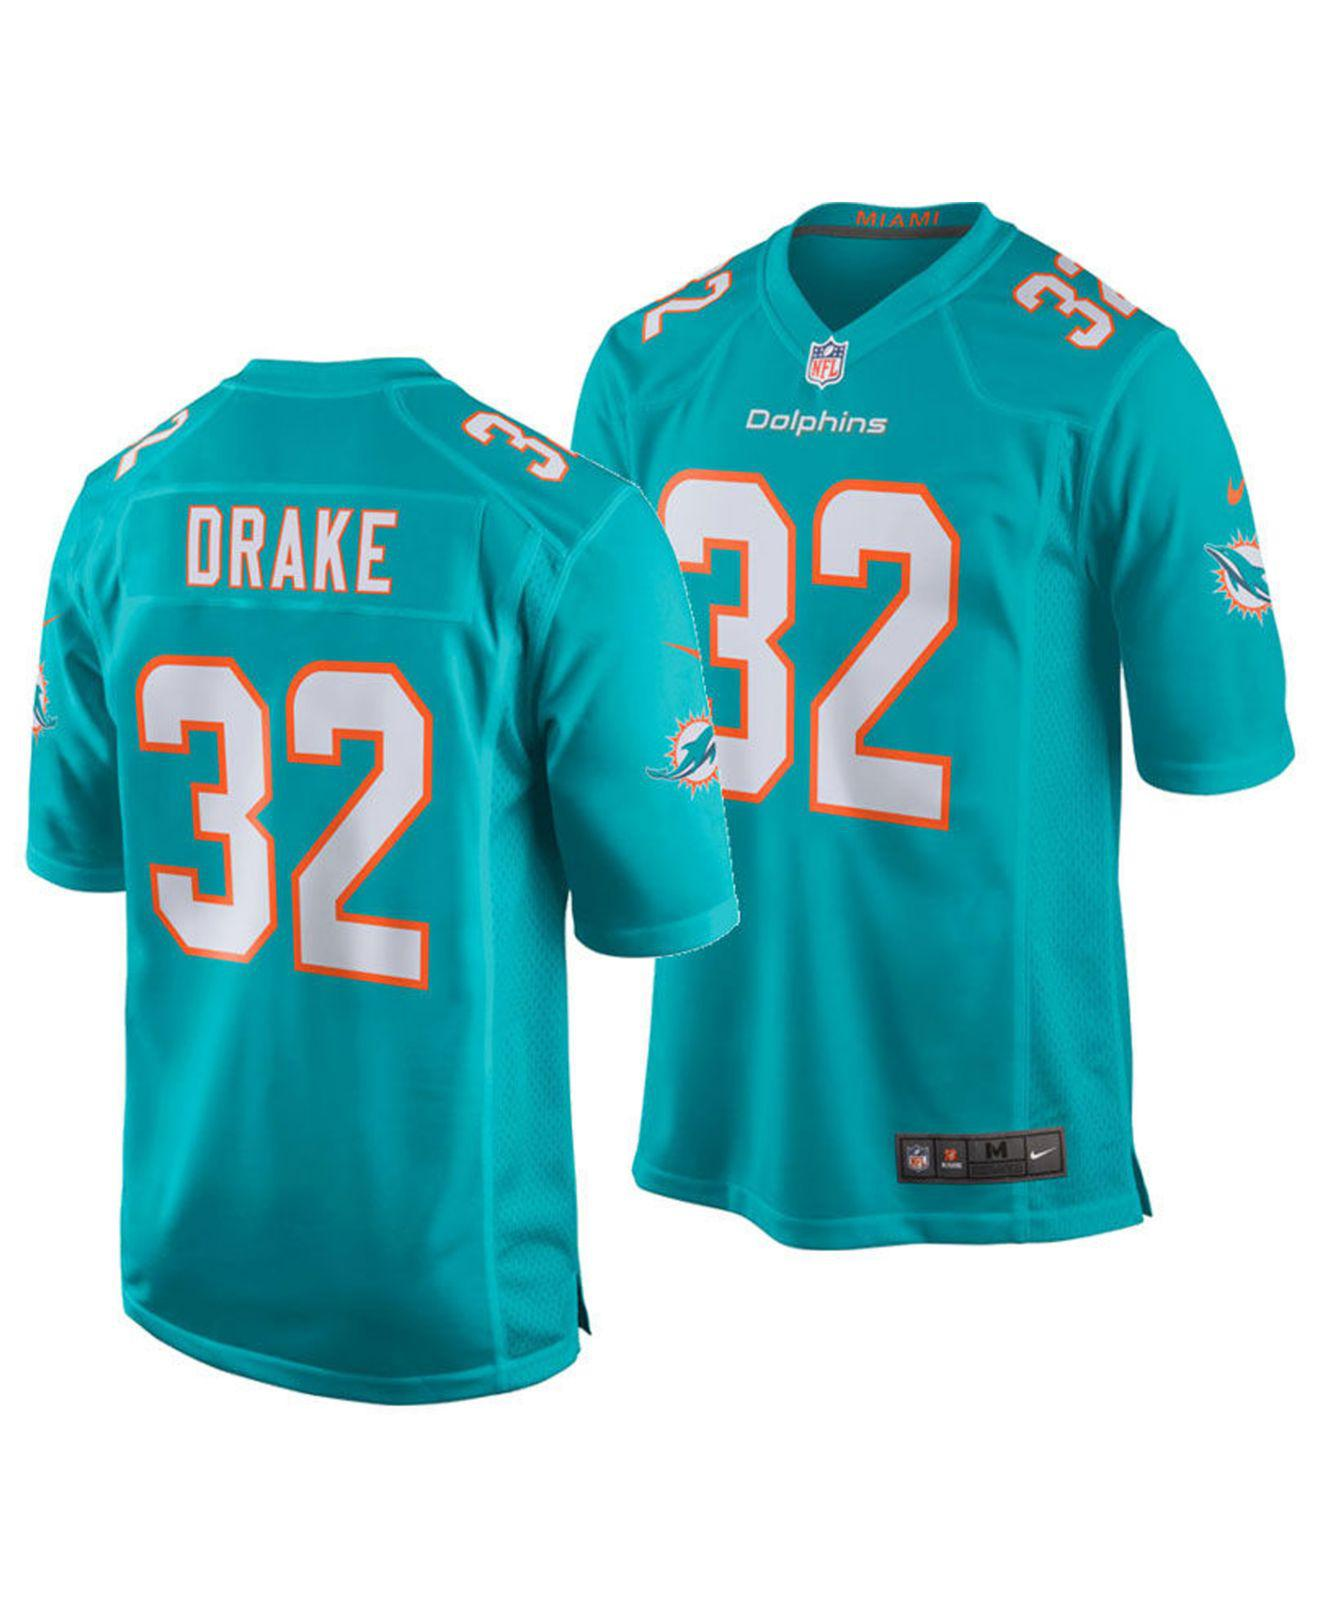 Lyst - Nike Kenyan Drake Miami Dolphins Game Jersey in Blue for Men ecfa38729